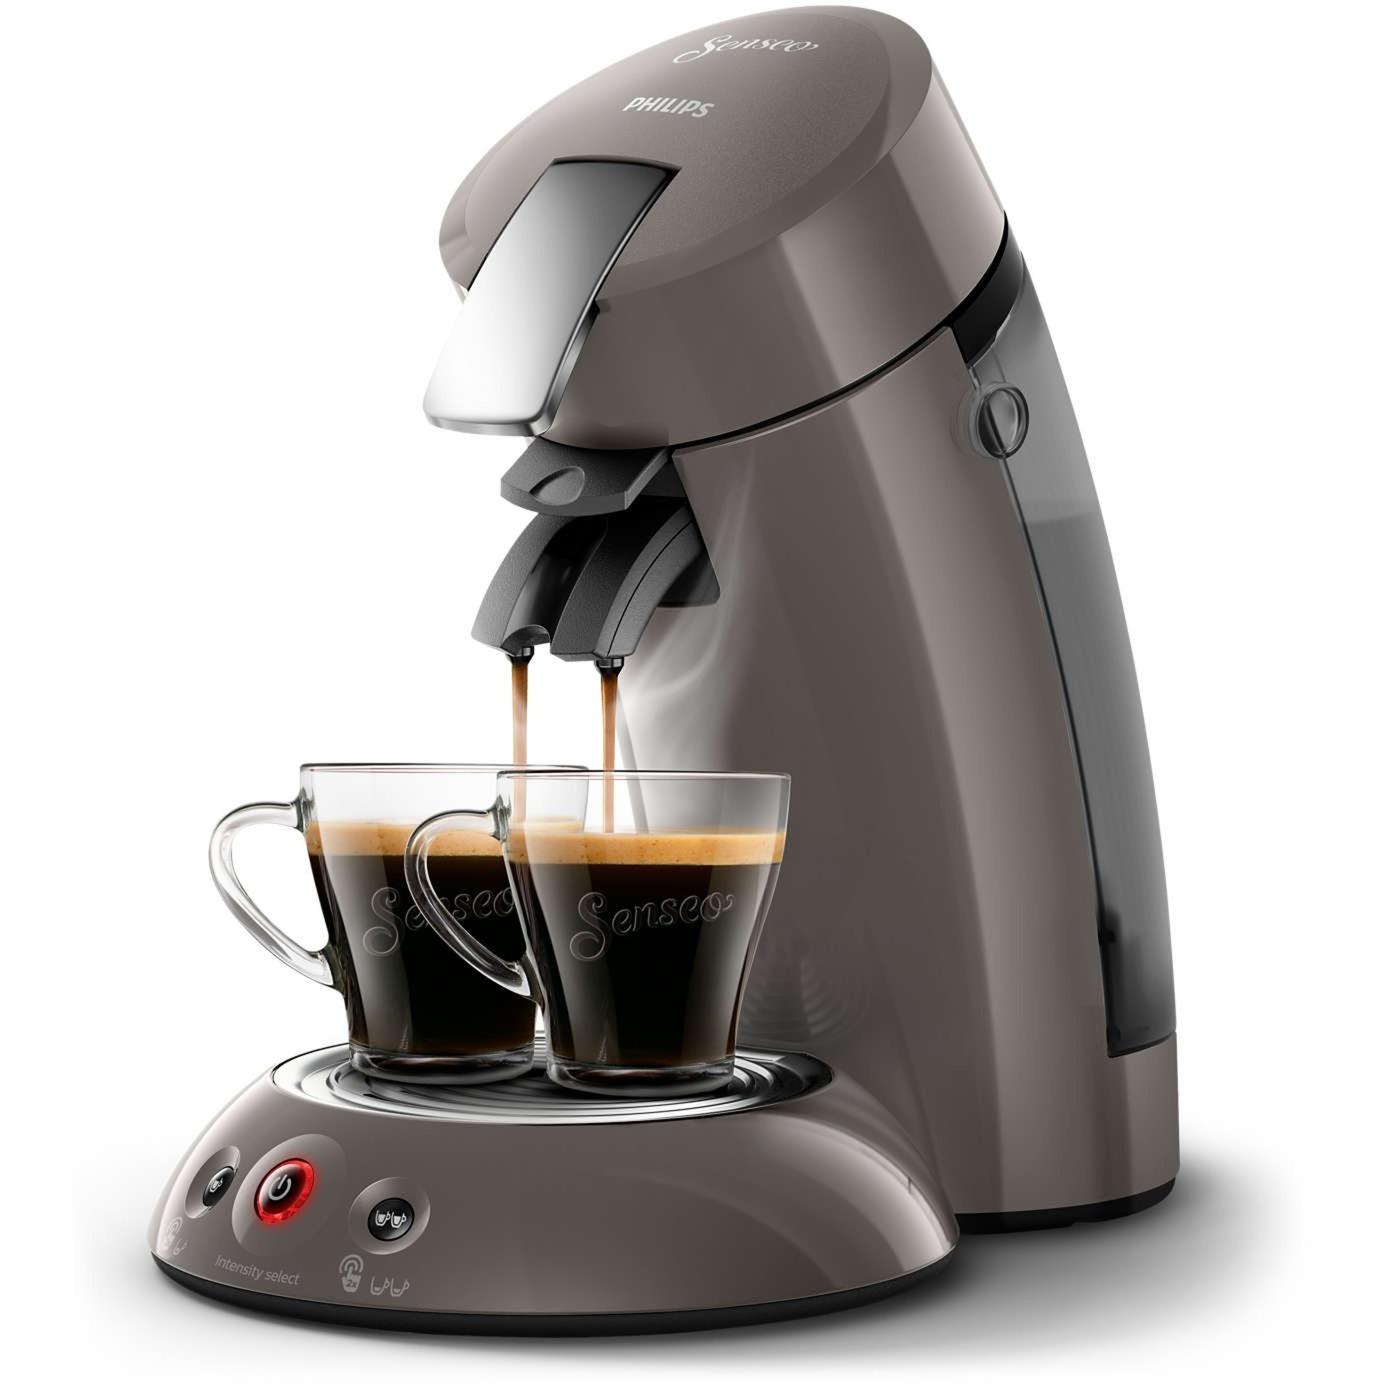 Original HD6556/00 Independiente Semi-automática Máquina de café en cápsulas 0.7L Gris cafetera eléctrica, Cafetera monodosis